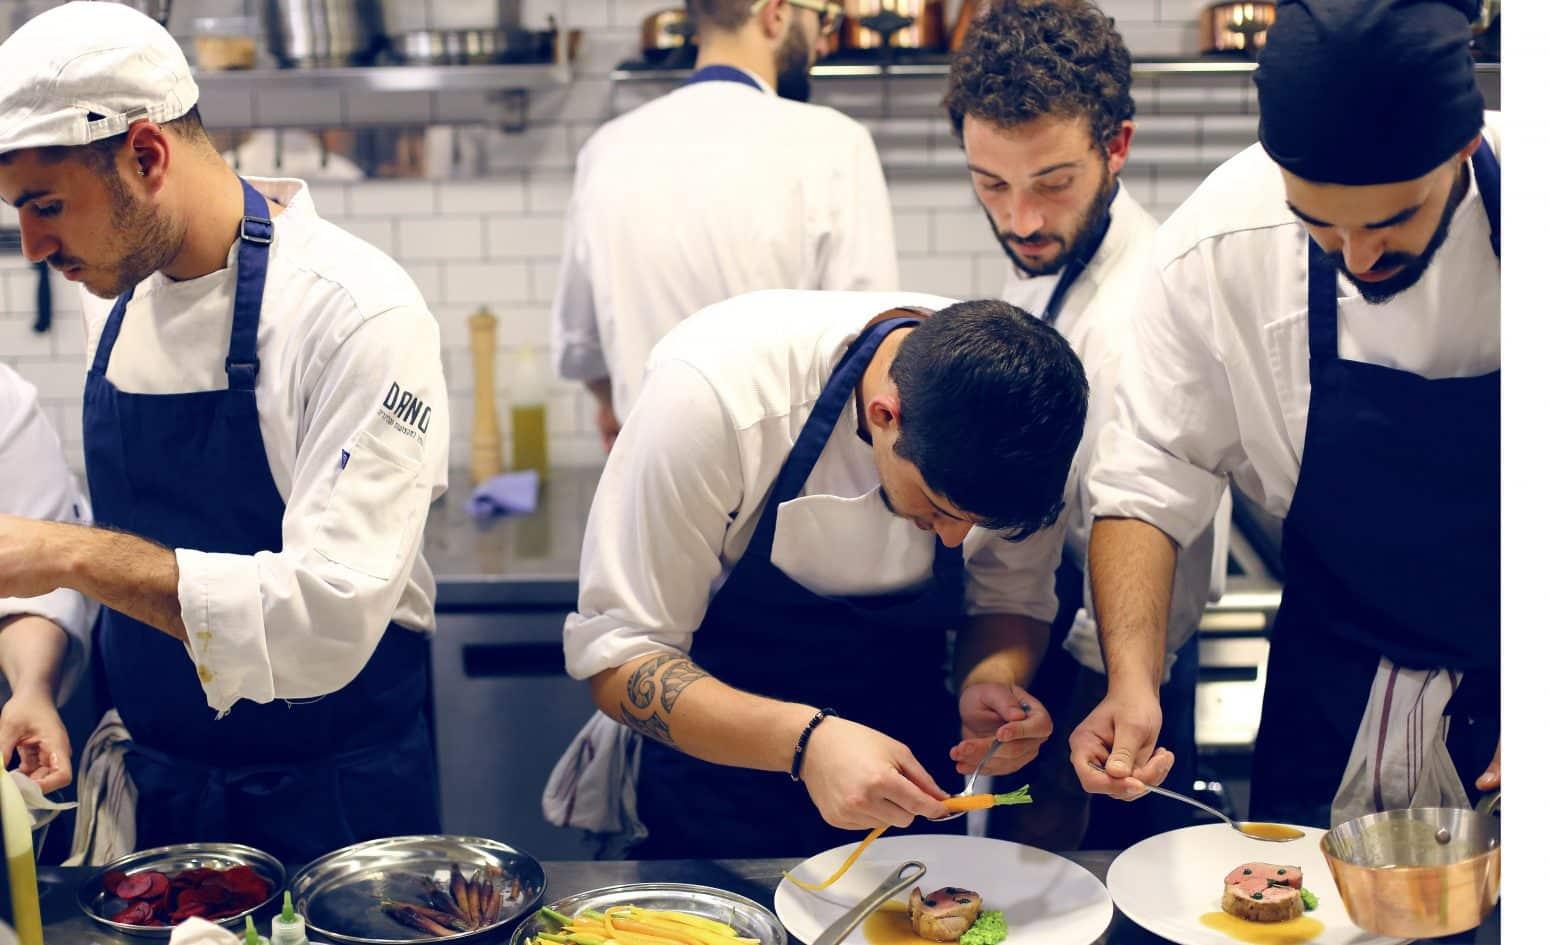 סקוליארד תלמידים מבשלים